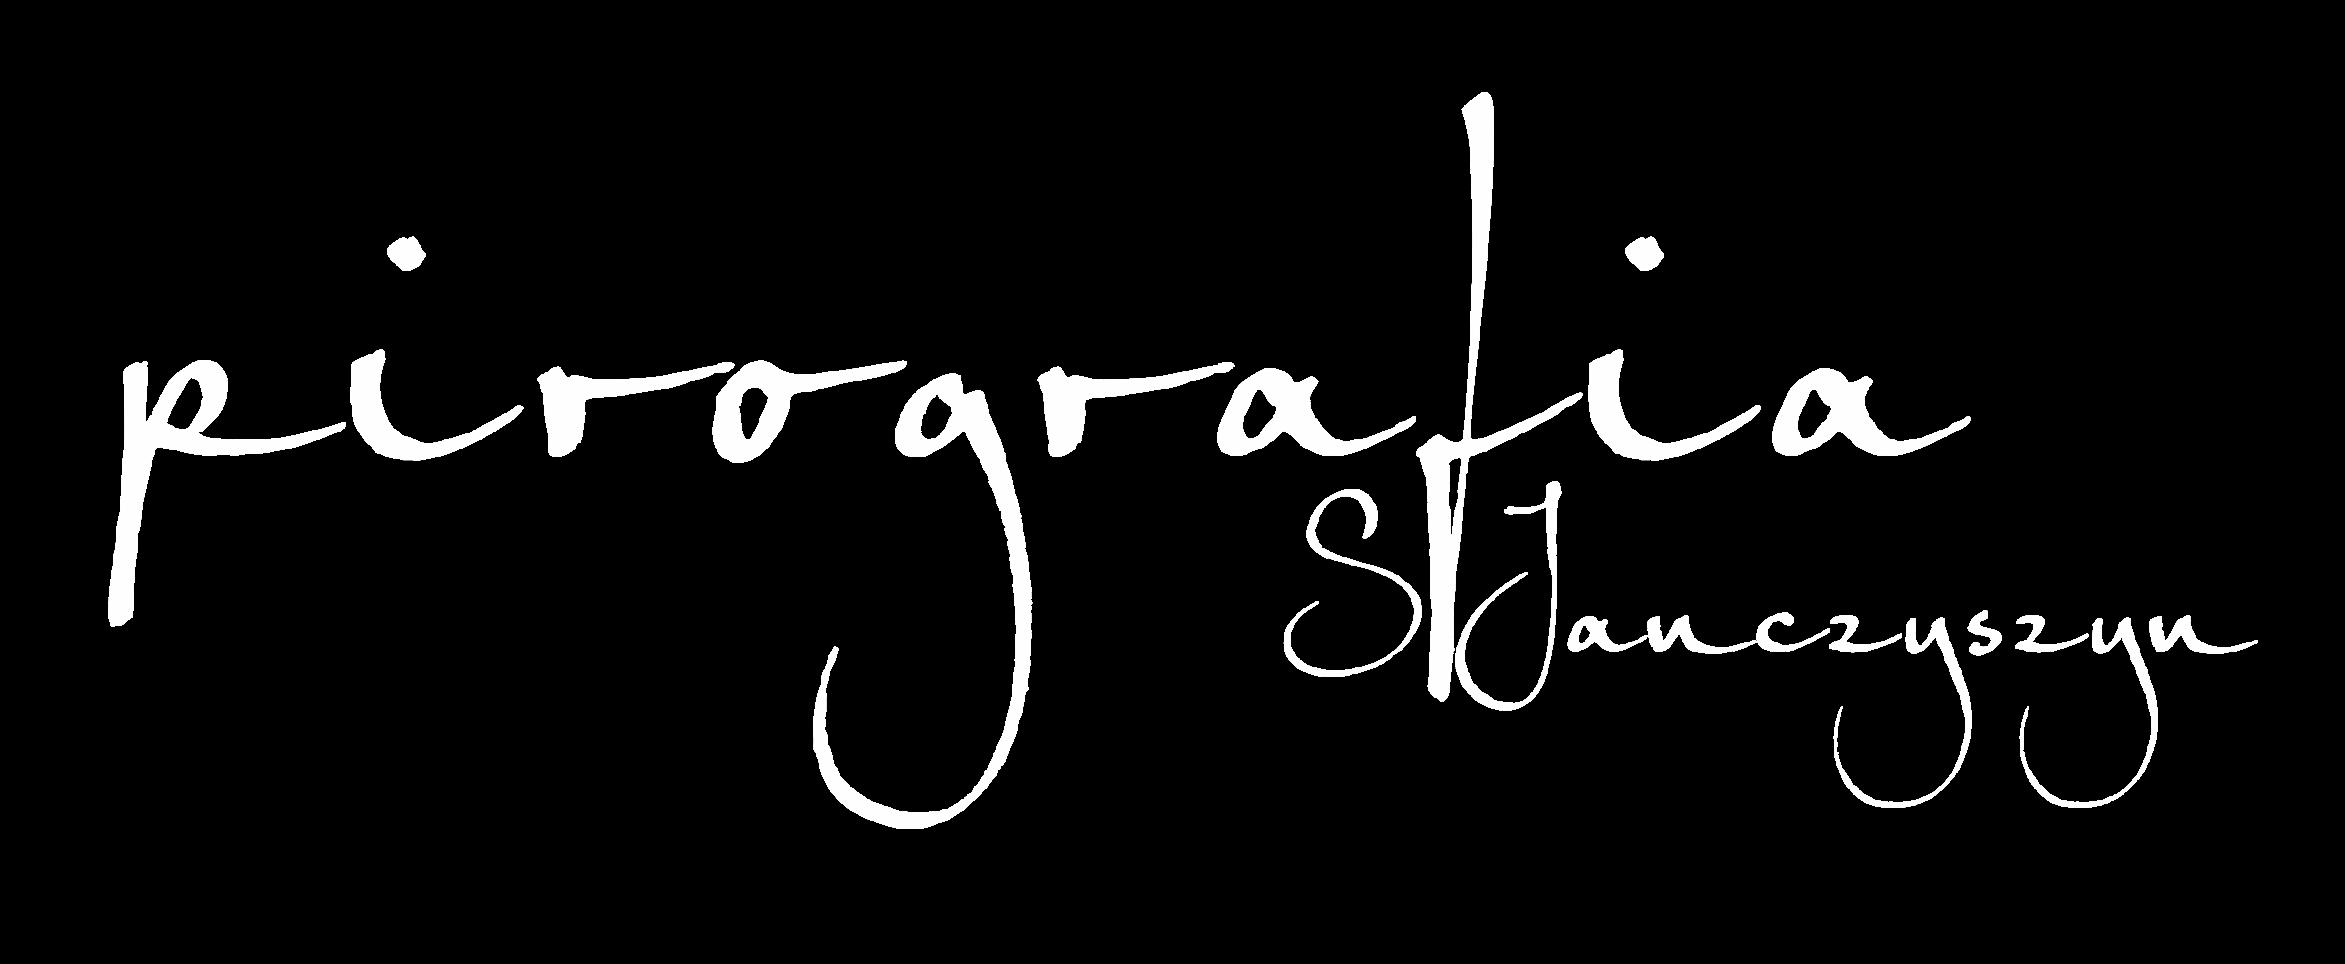 Pirografia